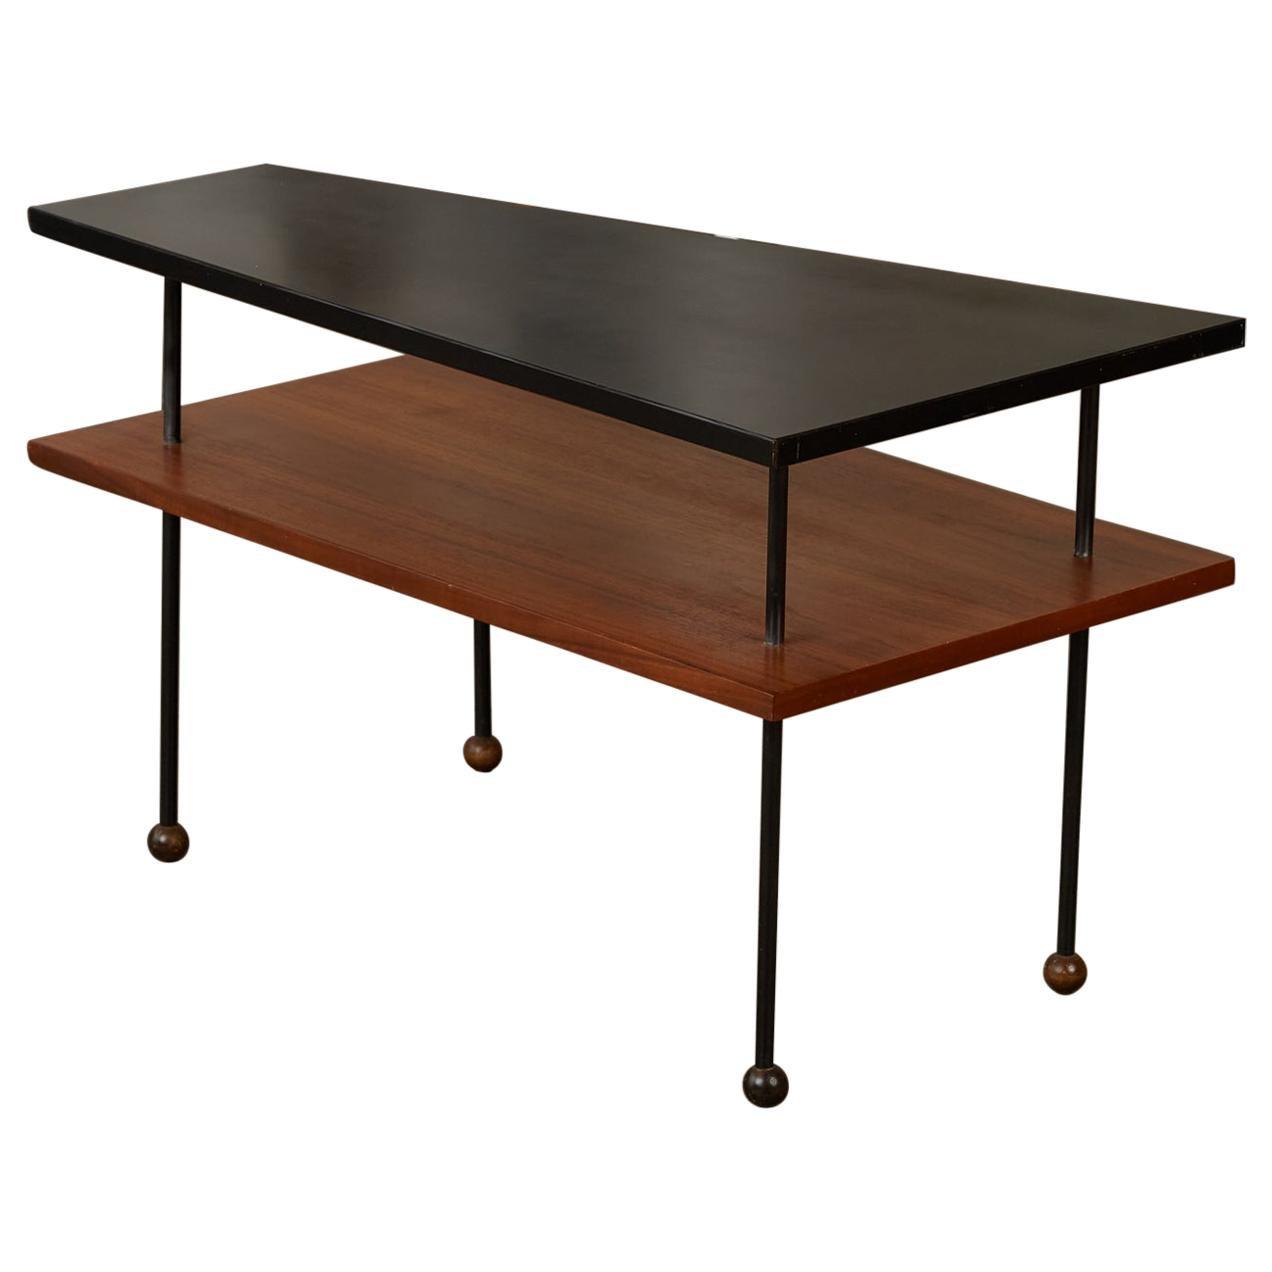 Rare Greta Grossman Side Table for Glenn of California